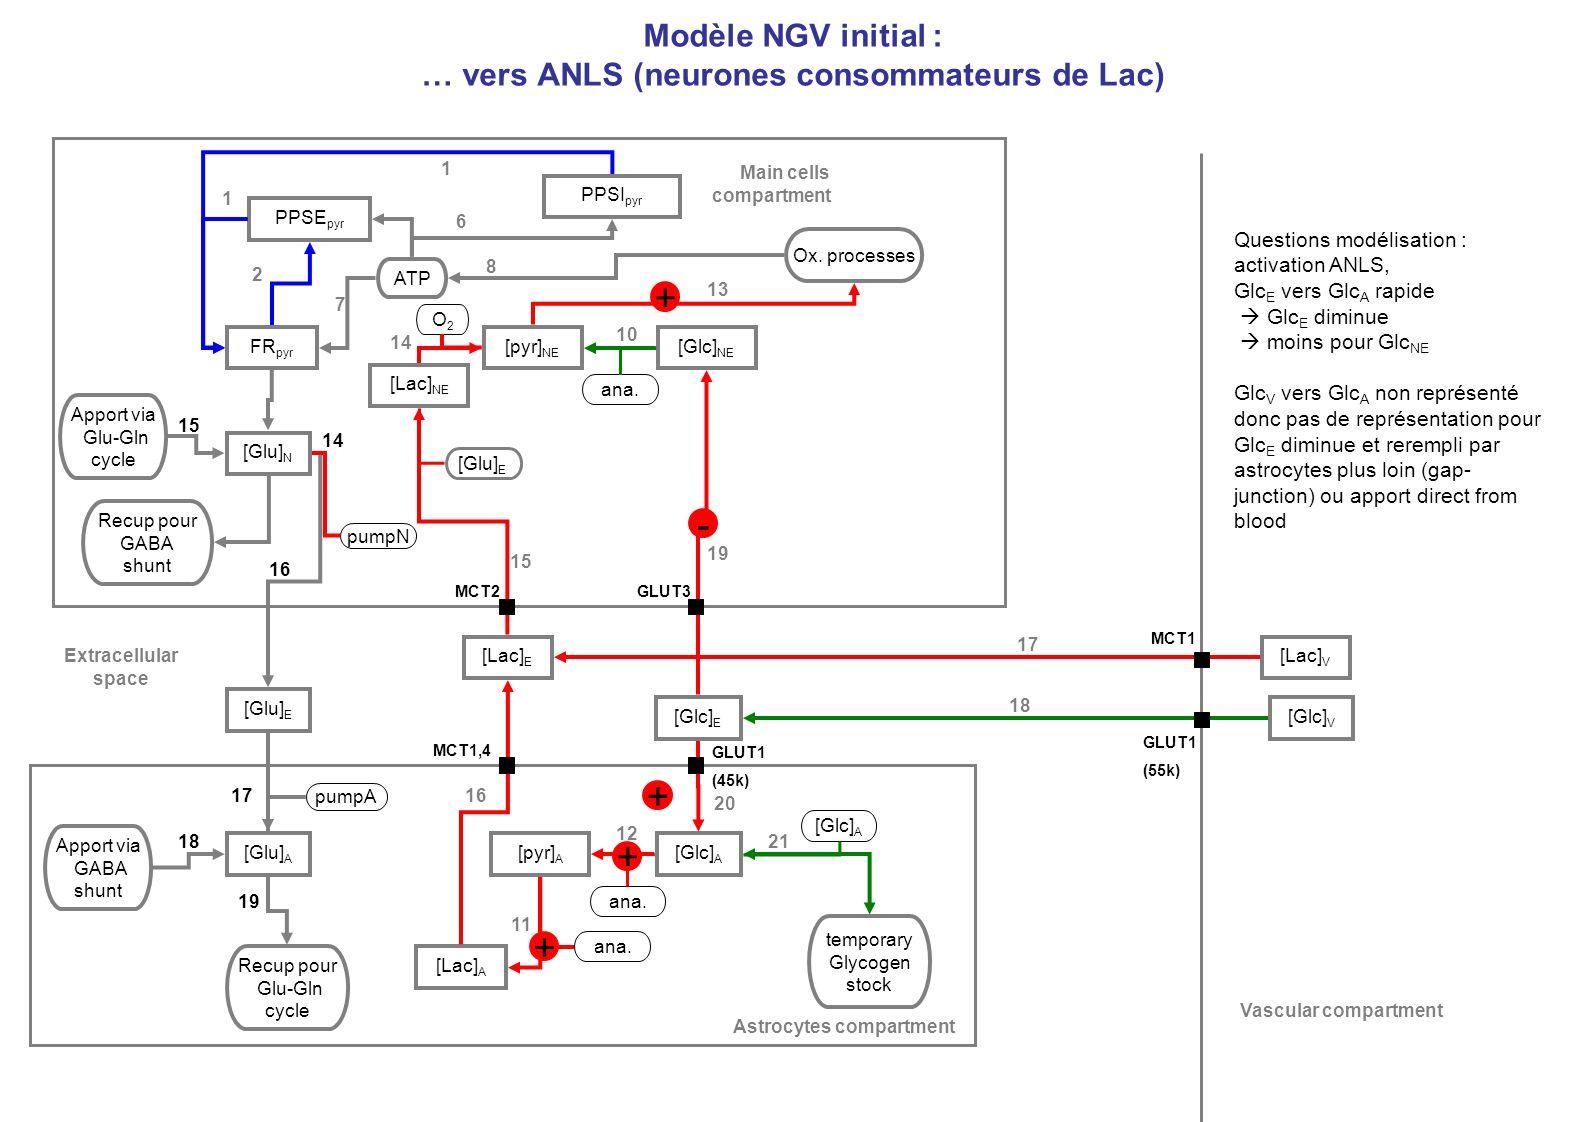 Modèle NGV initial : … vers ANLS (neurones consommateurs de Lac)